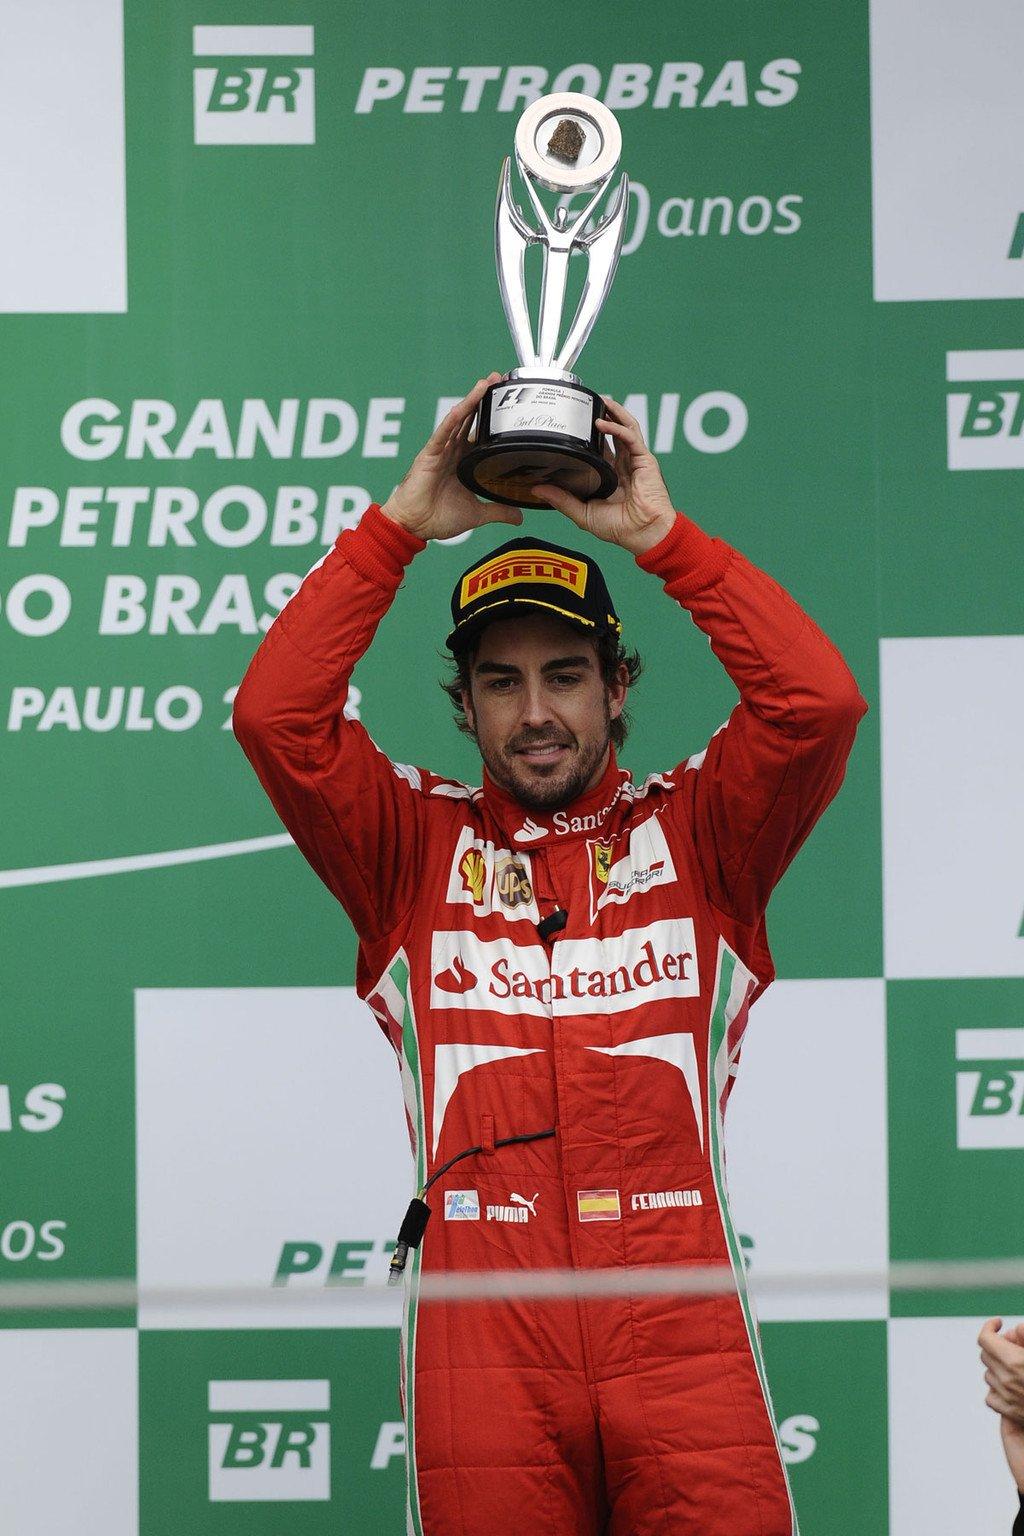 Ferrari_03